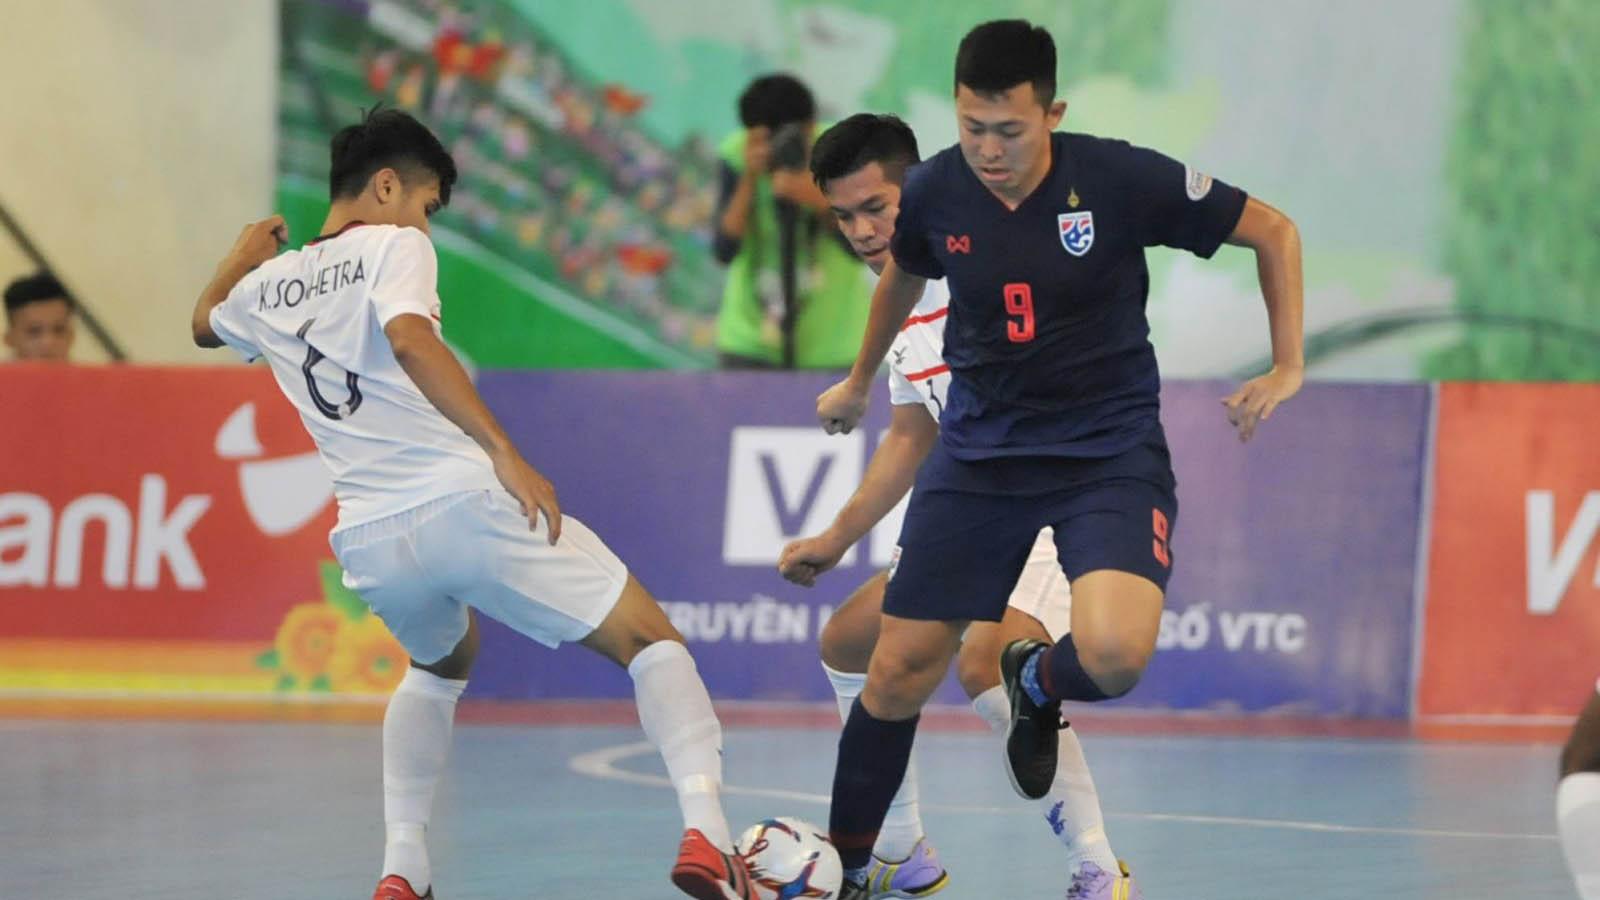 truc tiep bong da hôm nay, futsal Việt Nam vs Úc, xem bóng đá trực tuyến, futsal Đông Nam Á 2019, VTV6, bóng đá Việt Nam, futsal Việt Nam vs Australia, VTC3, VTC1